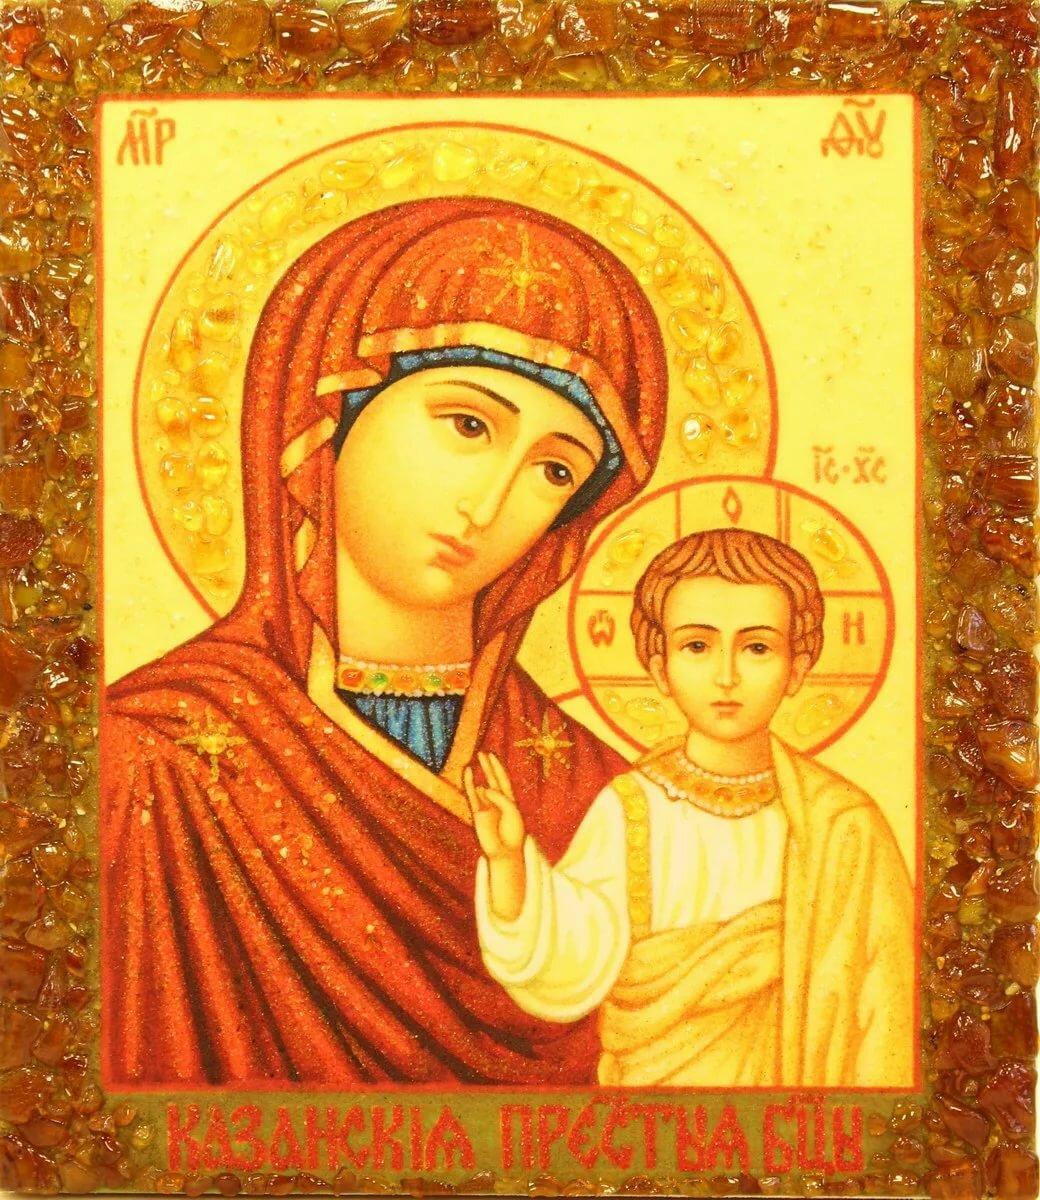 Икона Казанской Божьей Матери в Новороссийске